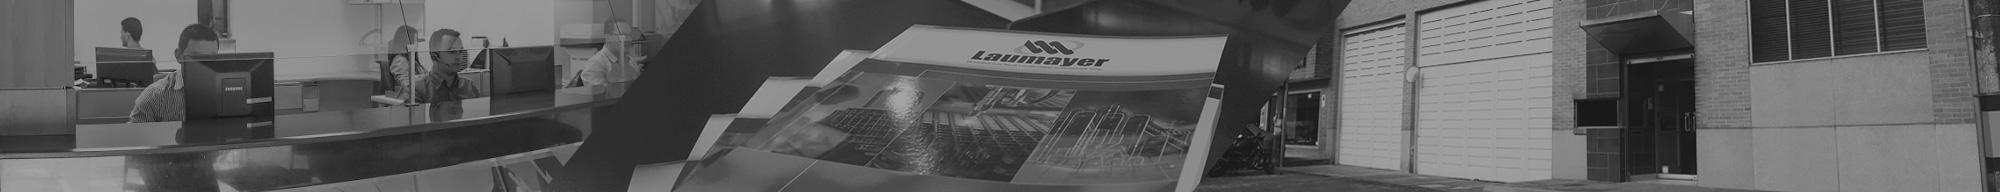 9.lista-precios-laumayer